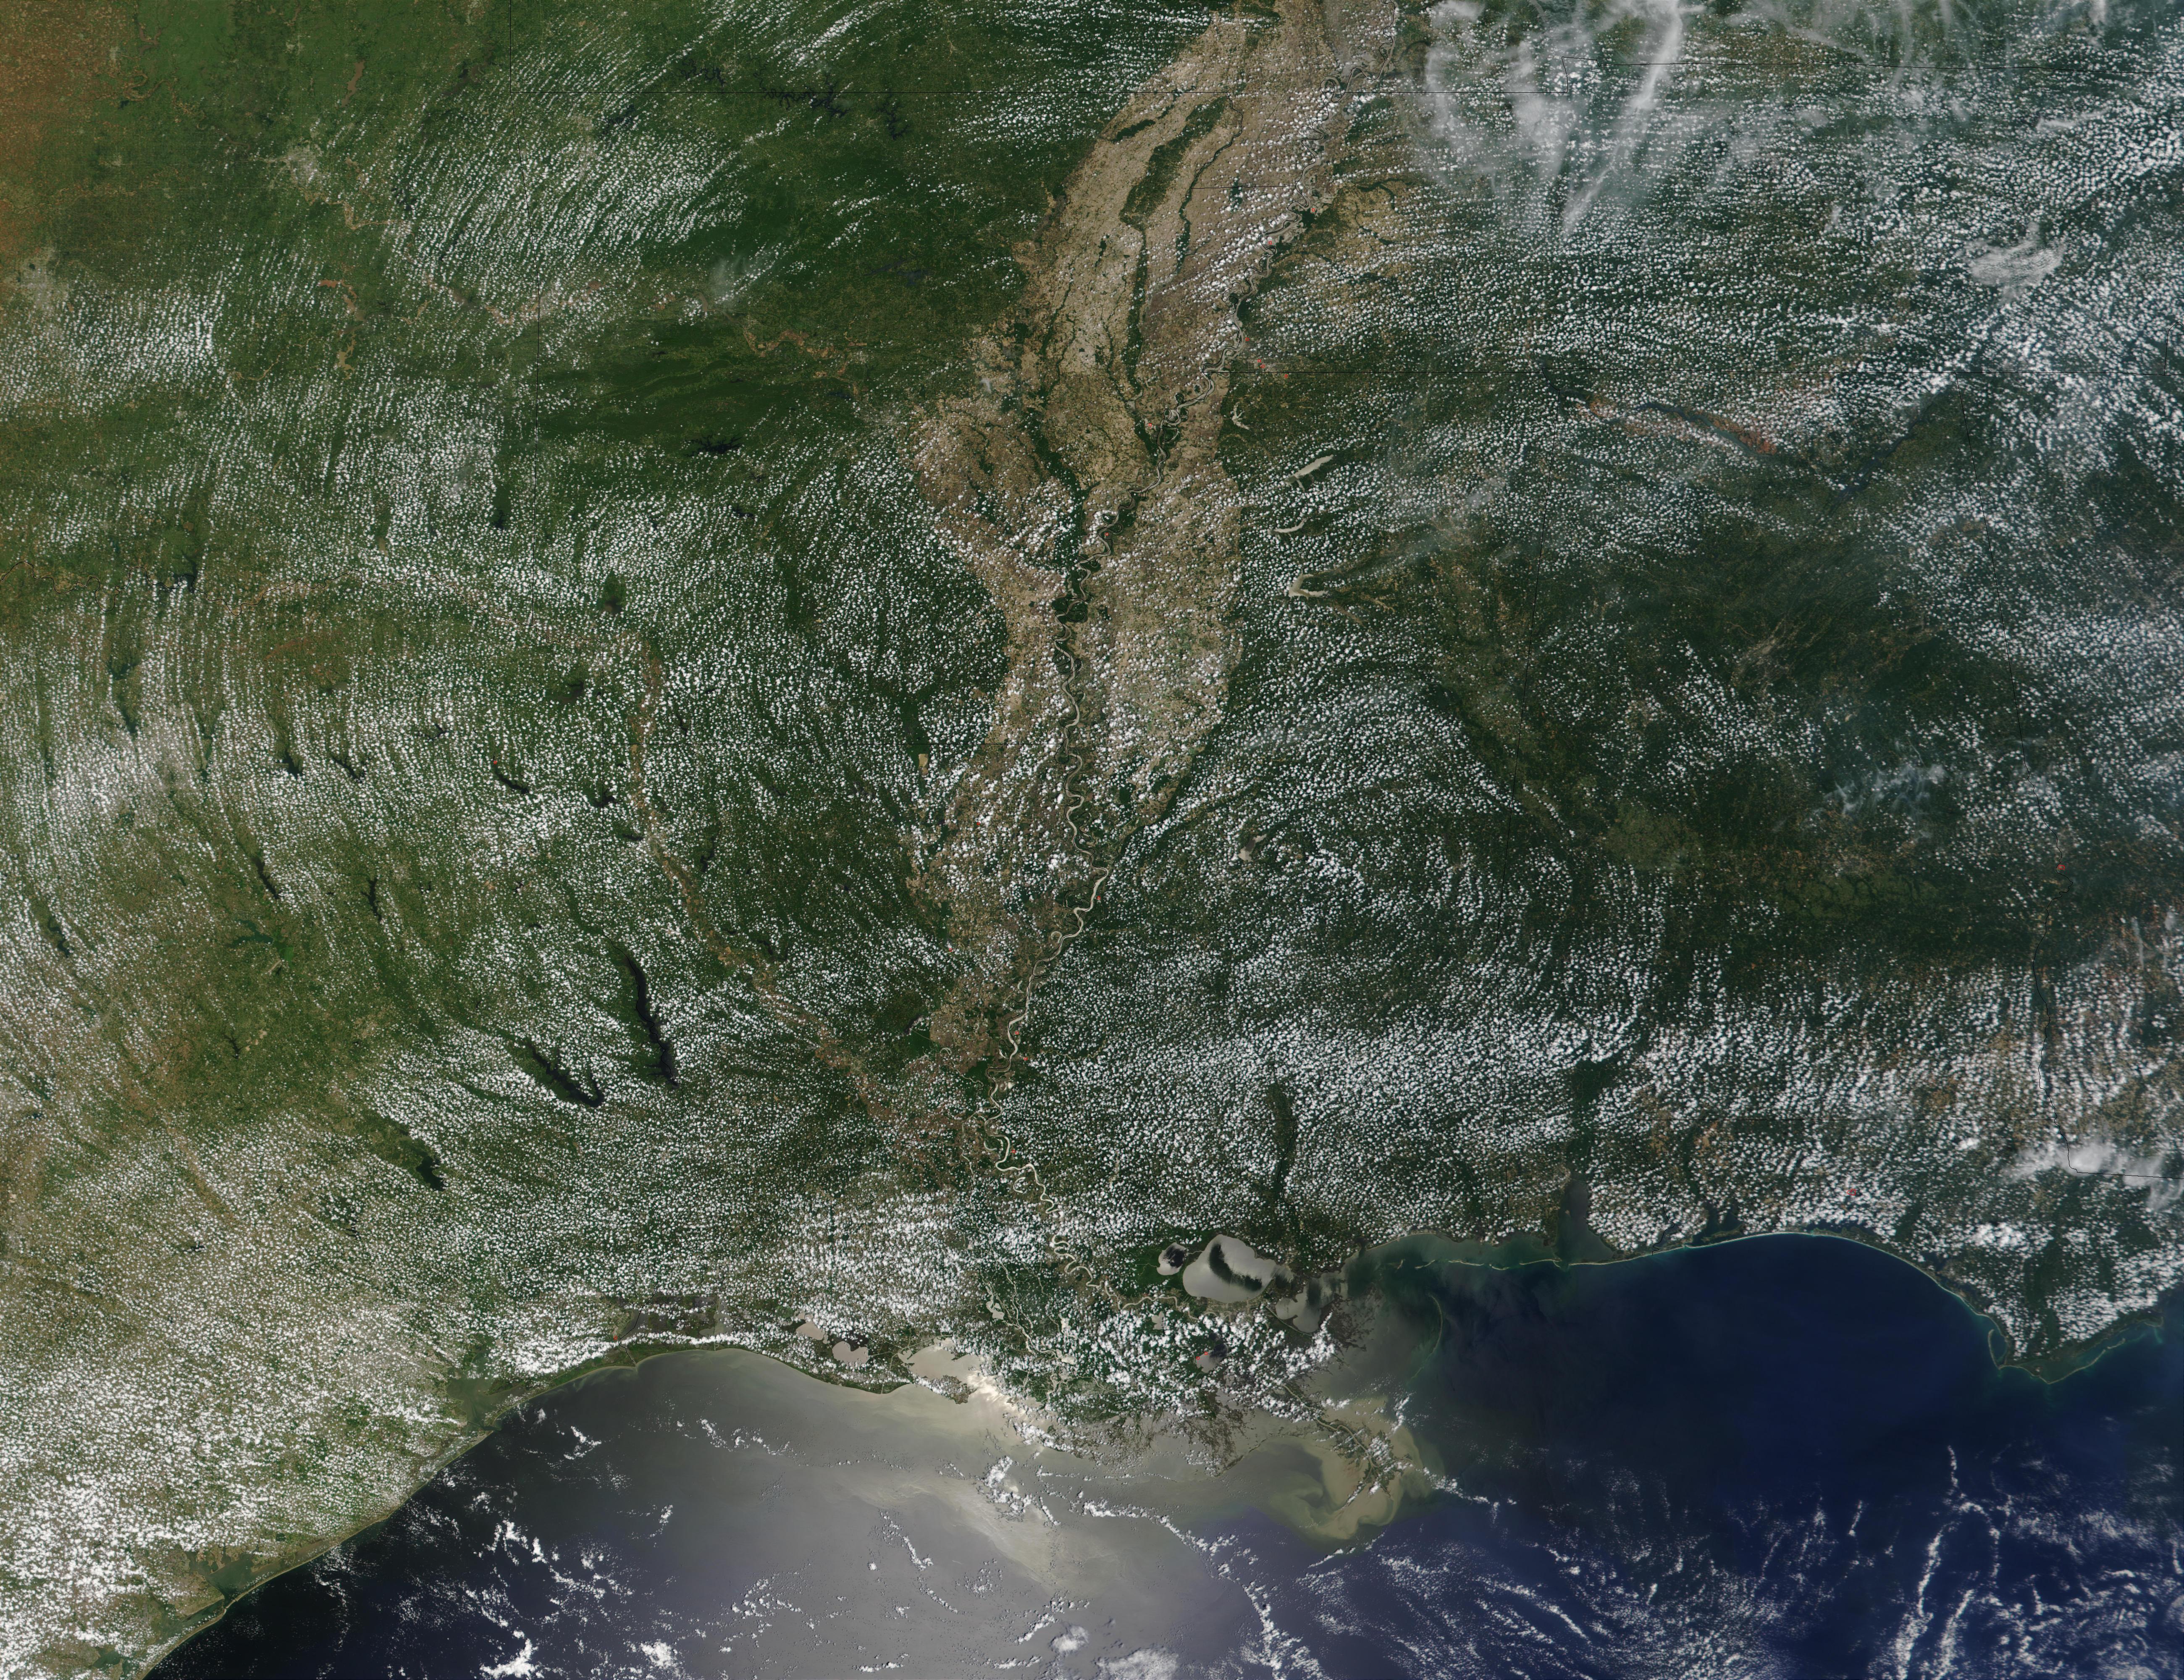 Sistema de nubes cumulus concéntricas encima de Estados Unidos Meridional